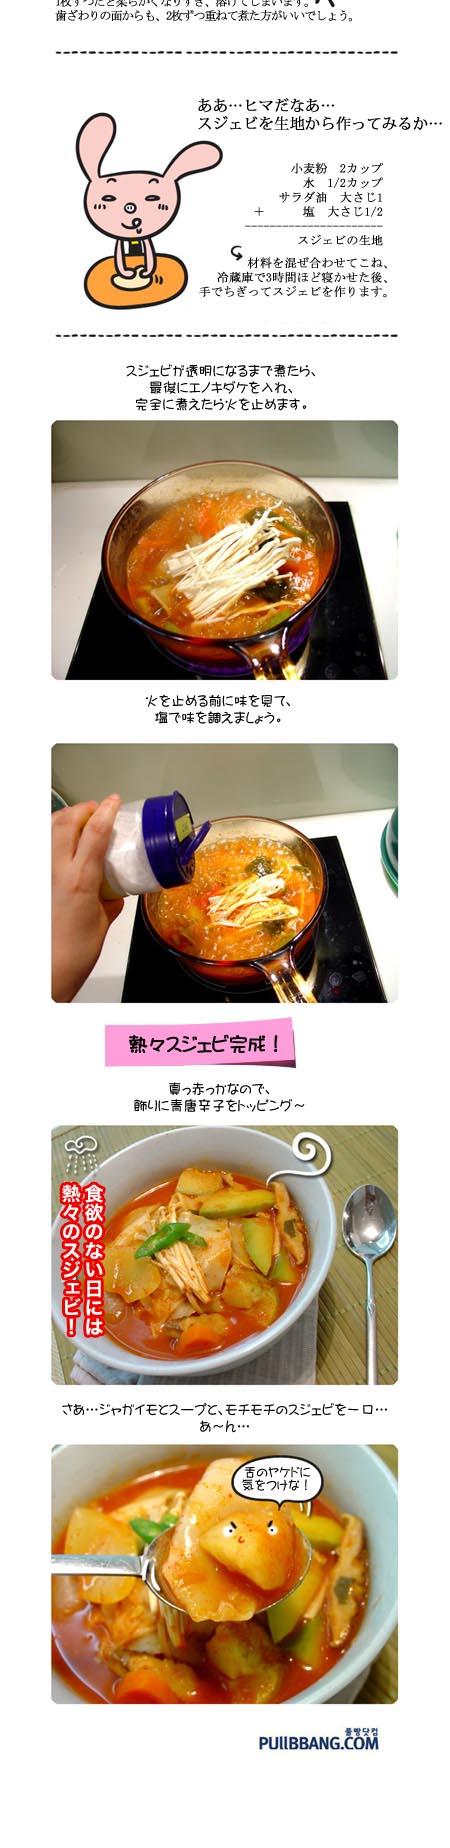 韓国料理のスジェビ(韓国式すいとん)